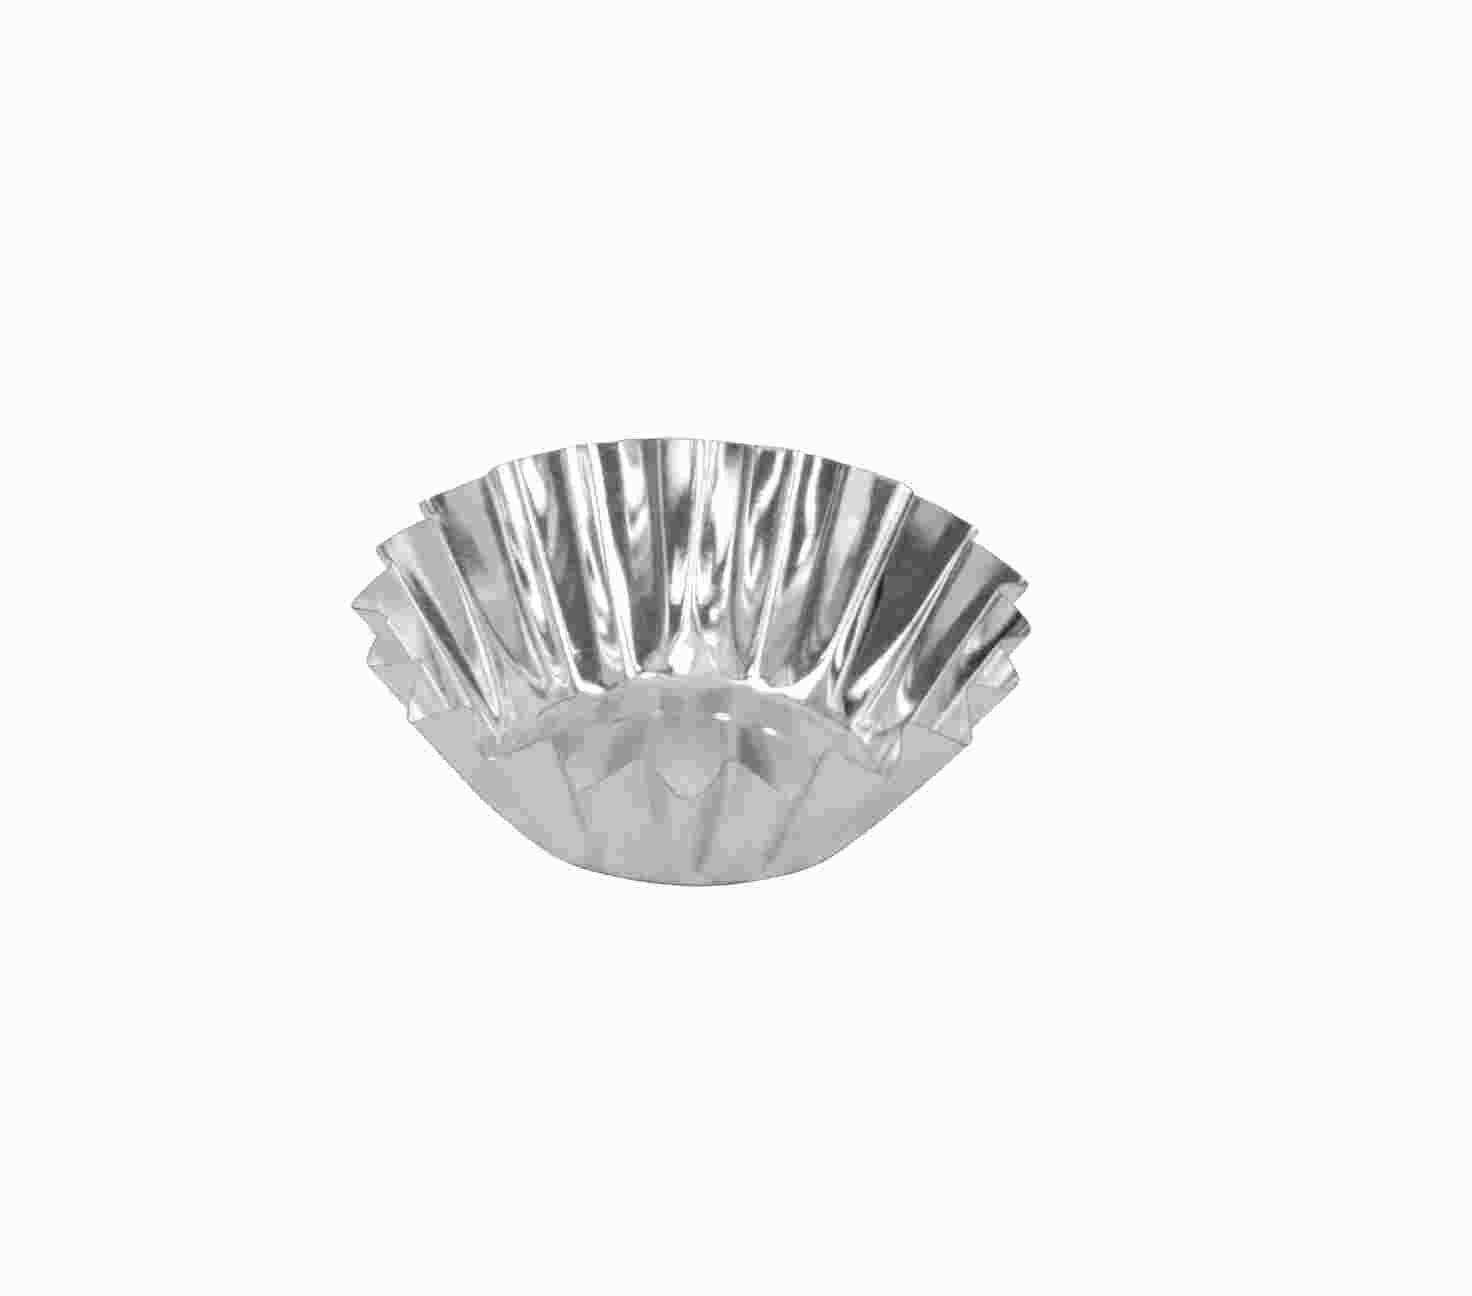 Jogo de 12pçs Forminhas Empada Crespa N°00 Alumínio